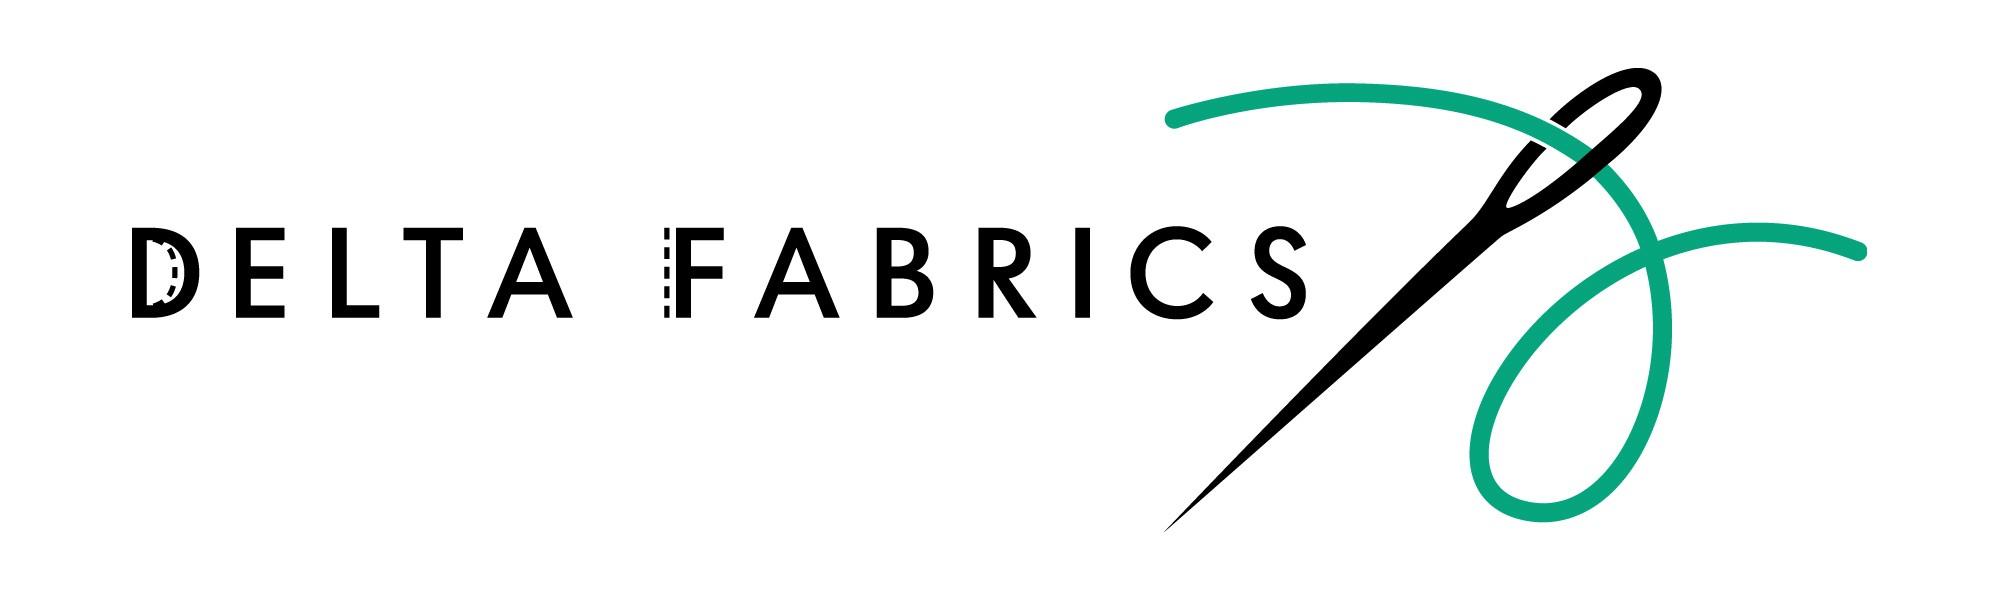 Delta Fabrics - Der Stoff Deines Lebens